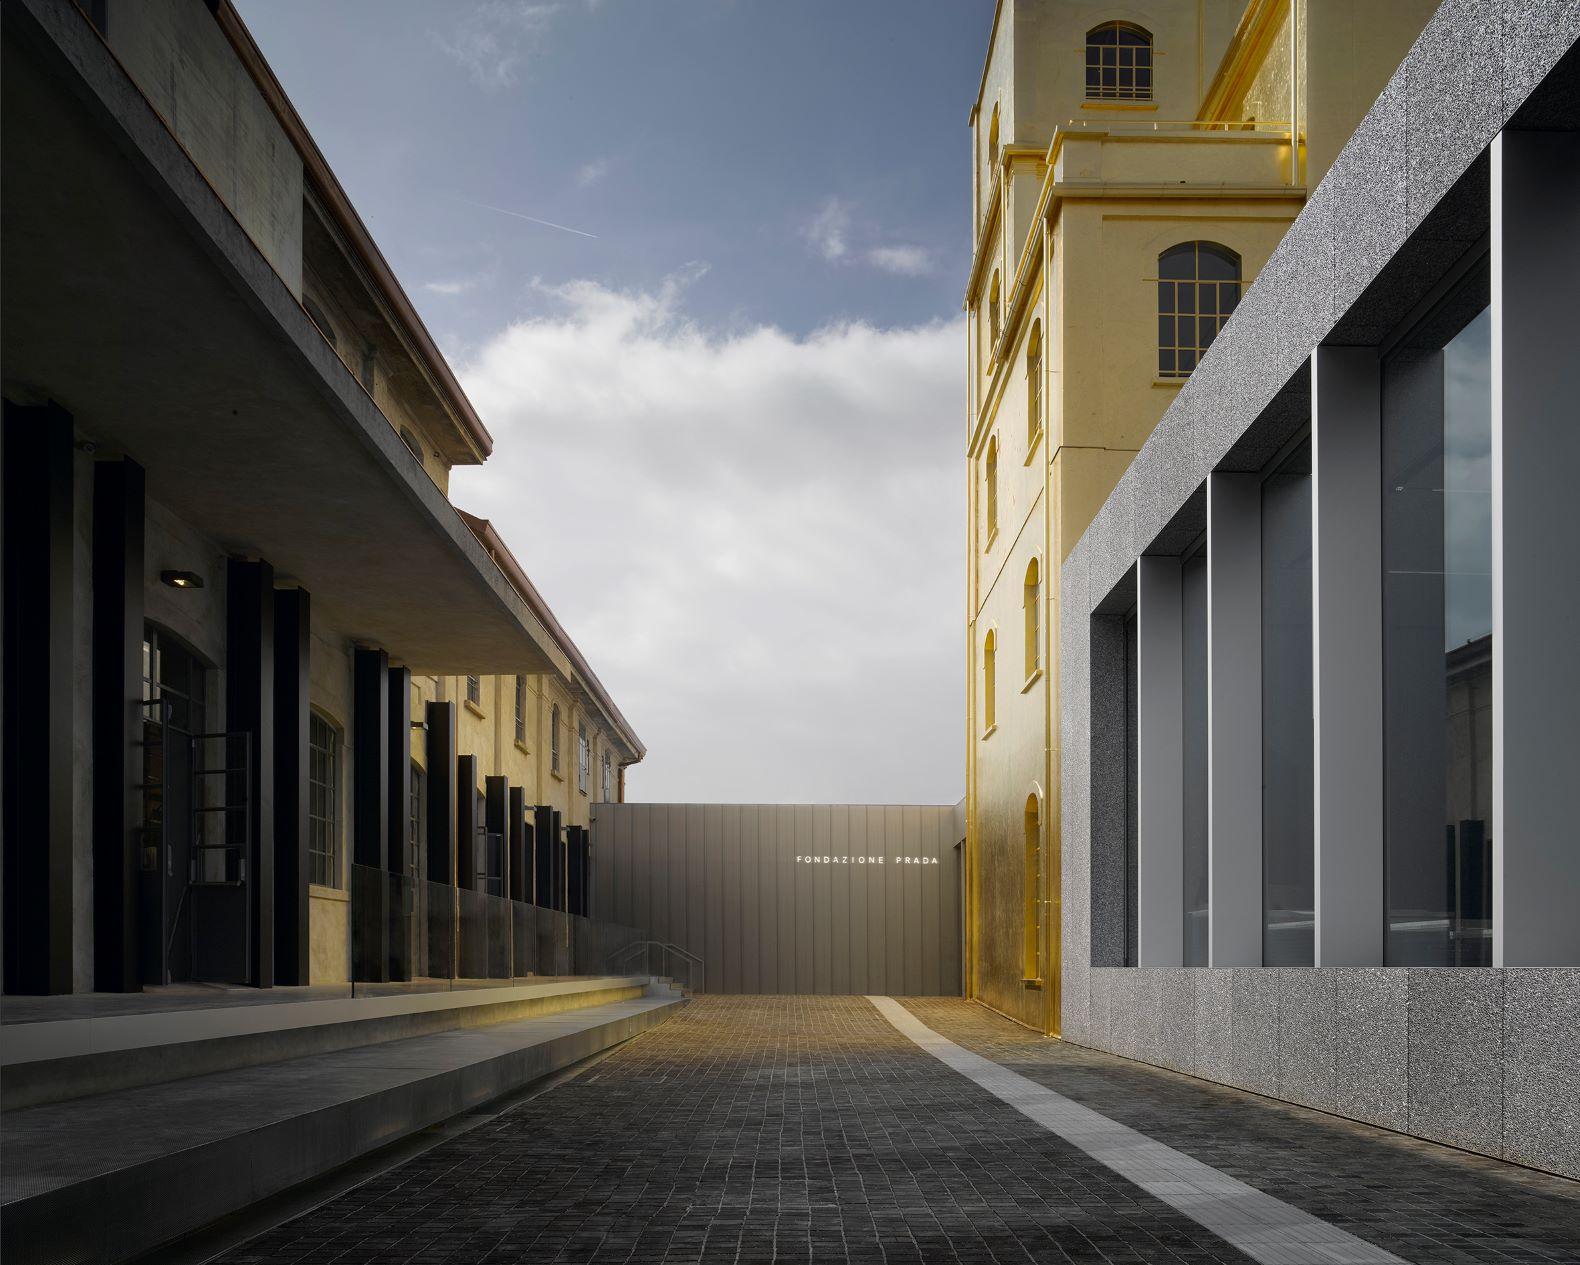 Tempesta e impeto. Il nuovo progetto di Fondazione Prada esplora le pratiche legate alla Computer-generated imagery